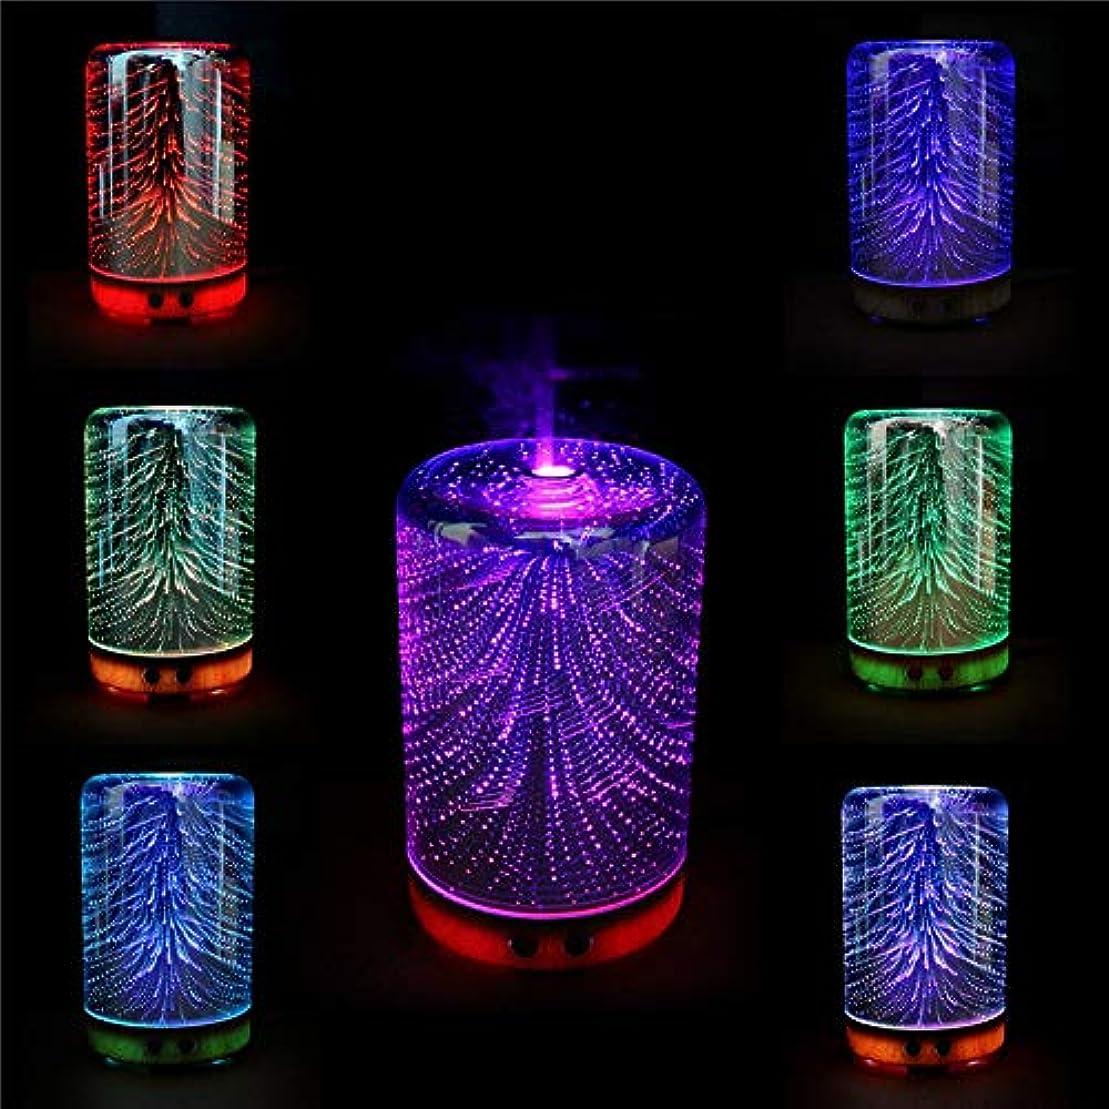 二年生として煙突LYEJM Color Changing 3D Lighting Essential Oil Aroma Diffuser Ultrasonic Mist Humidifier Aromatherapy 141[並行輸入]